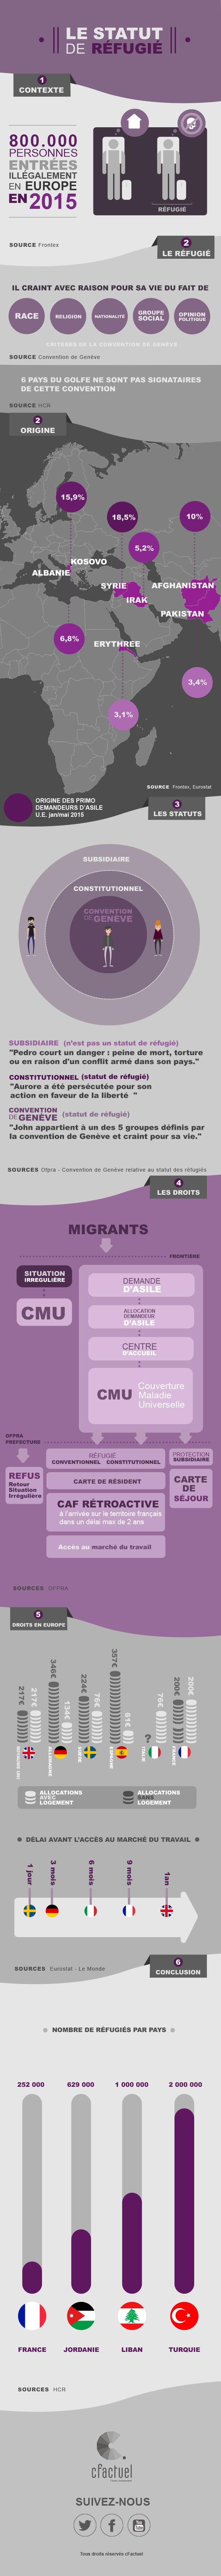 Infographie - Statut de réfugié : Qu'est-ce qu'un réfugié ? Sont-ils tous des clandestins ? Migrant et réfugié ont-ils le même sens ? La crise actuelle peut facilement véhiculer les amalgames. Explication sur les droits, devoirs et conditions du statut de réfugié. En savoir plus sur cFactuel : http://www.cfactuel.fr